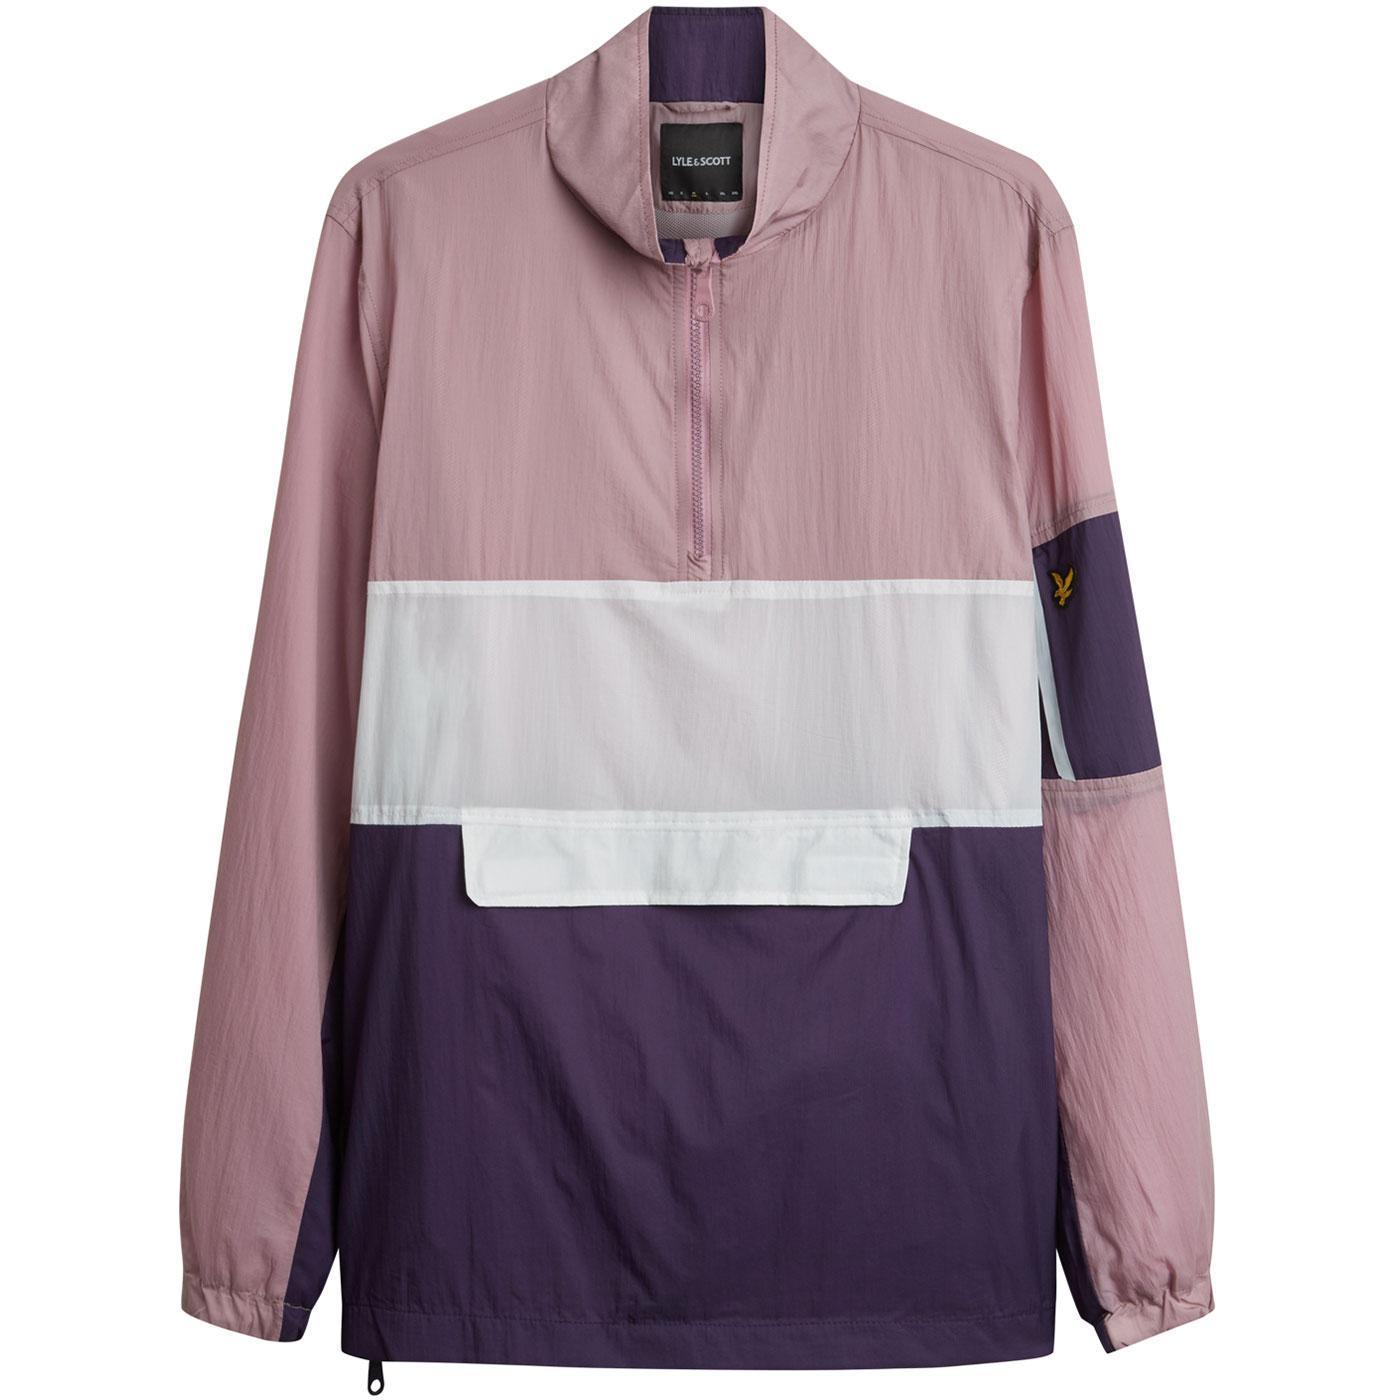 LYLE & SCOTT 80s Colour Block Overhead Jacket (LM)